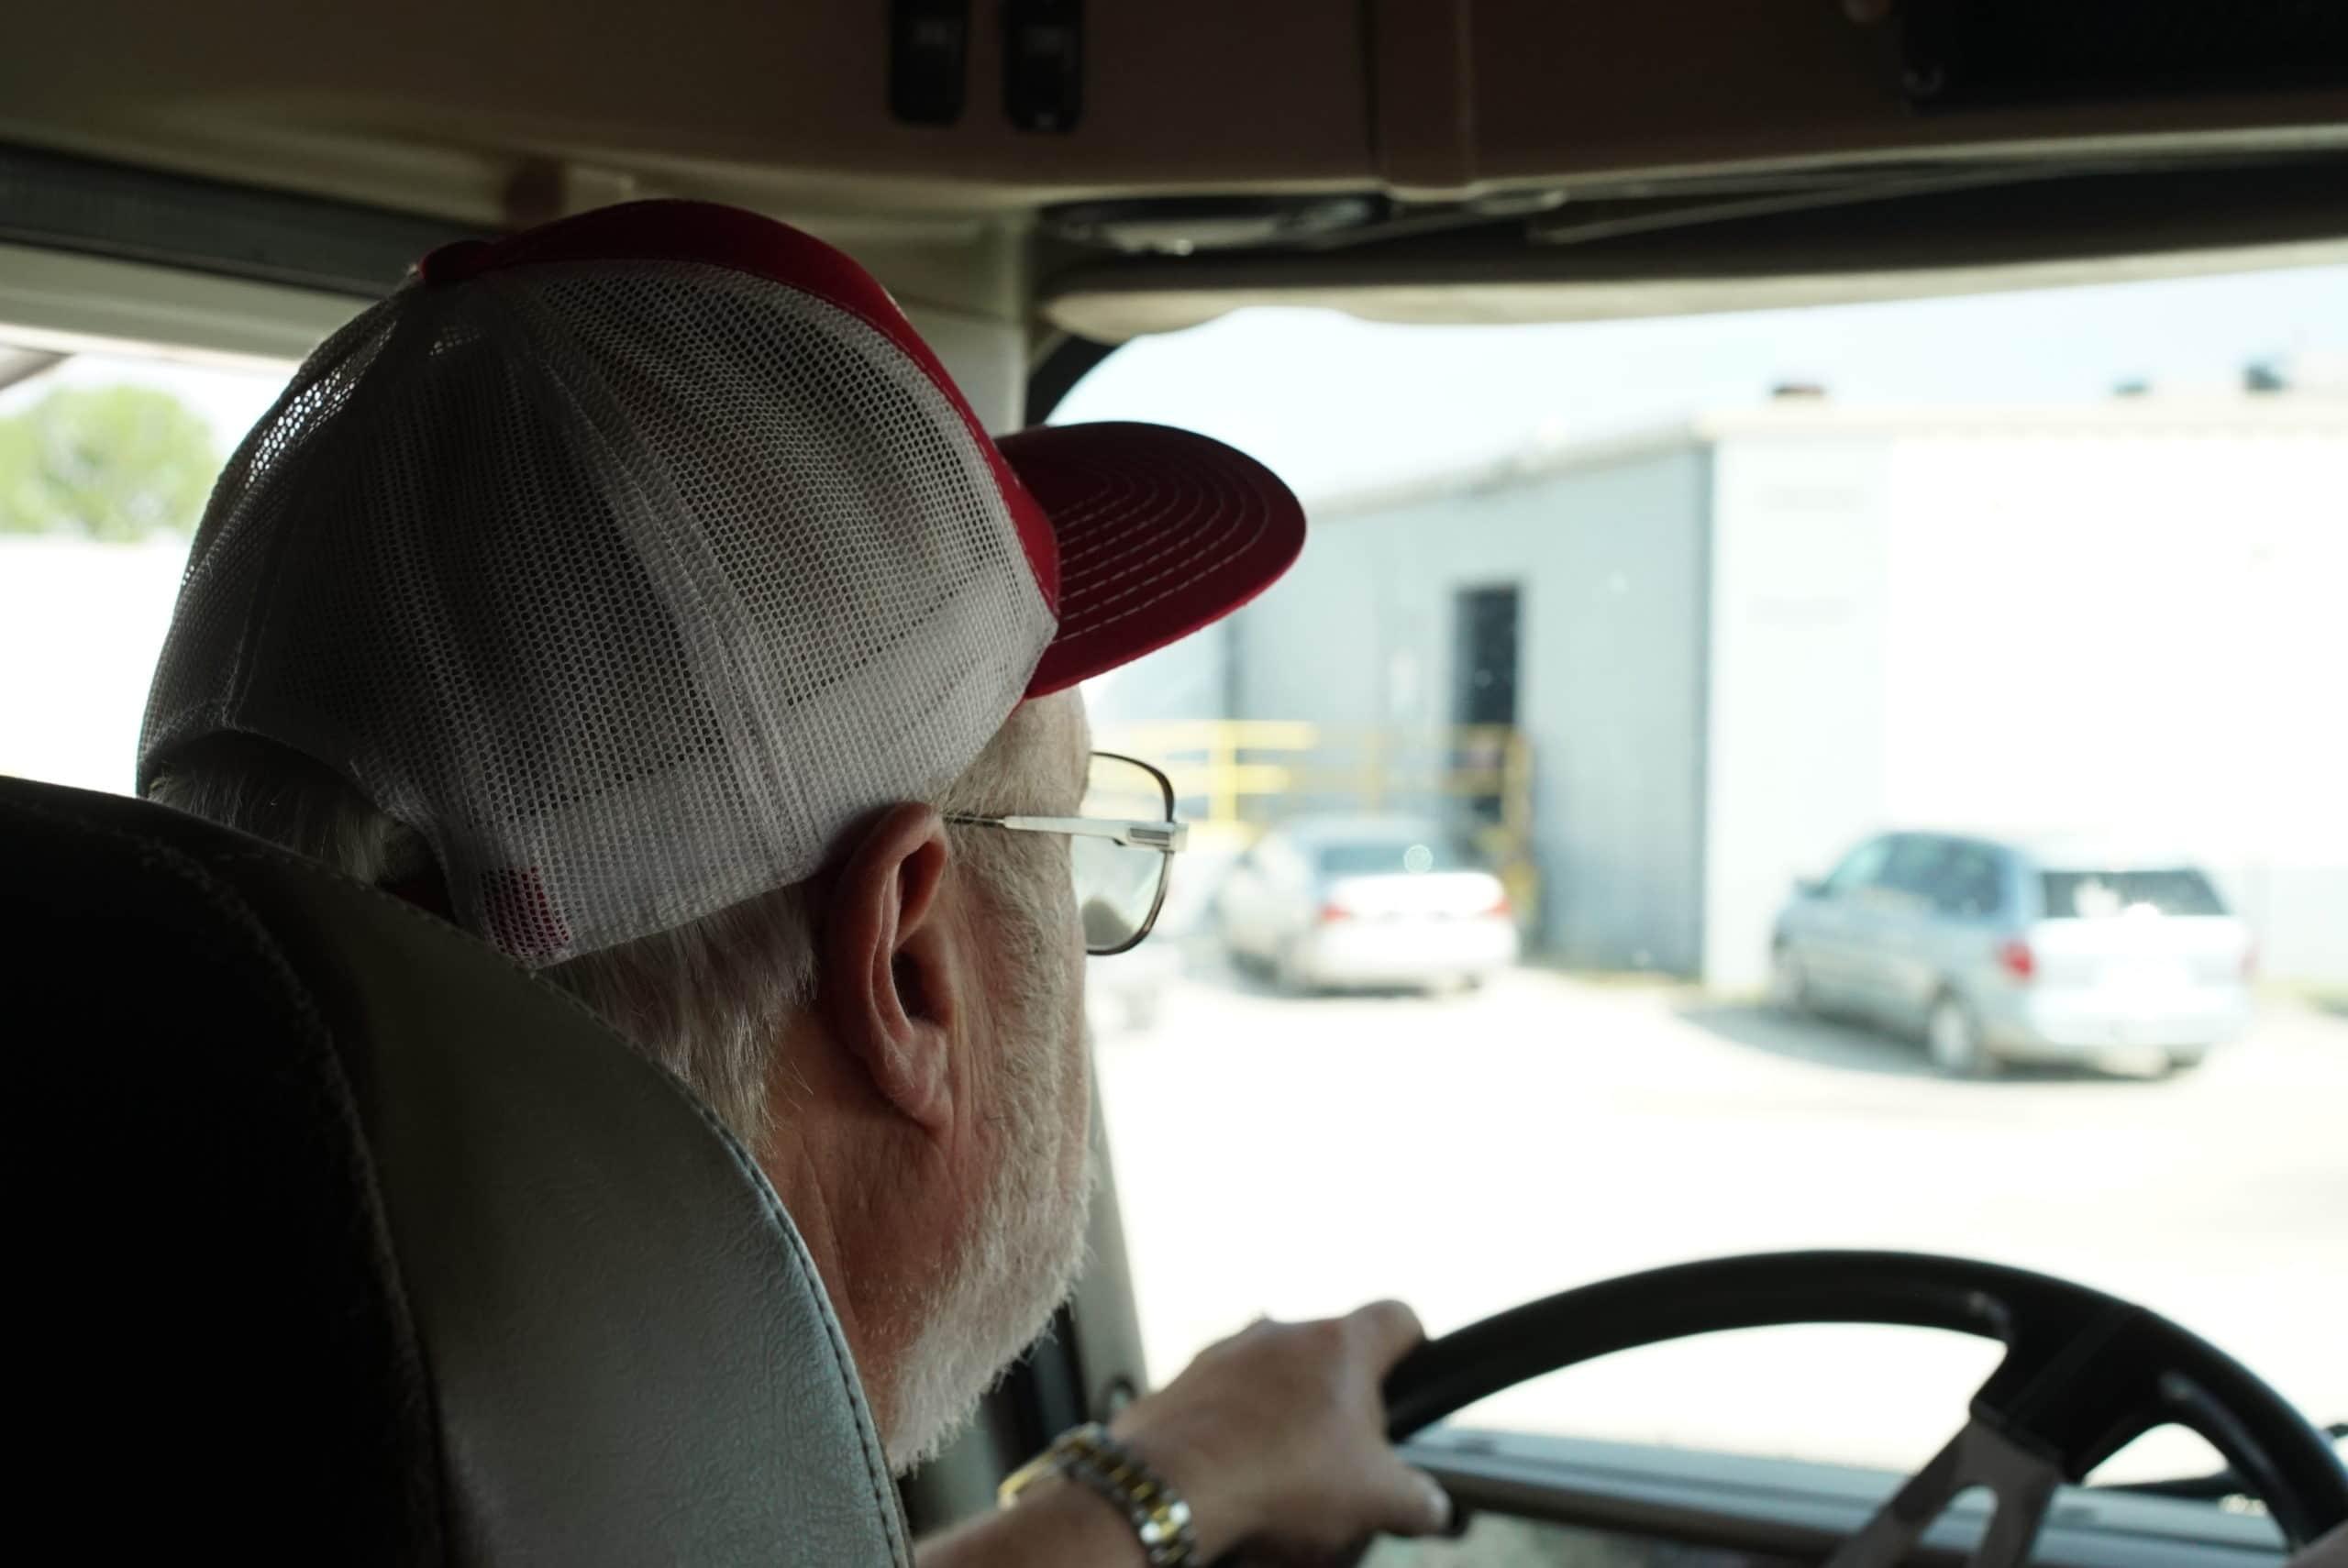 Driving for Sisbro